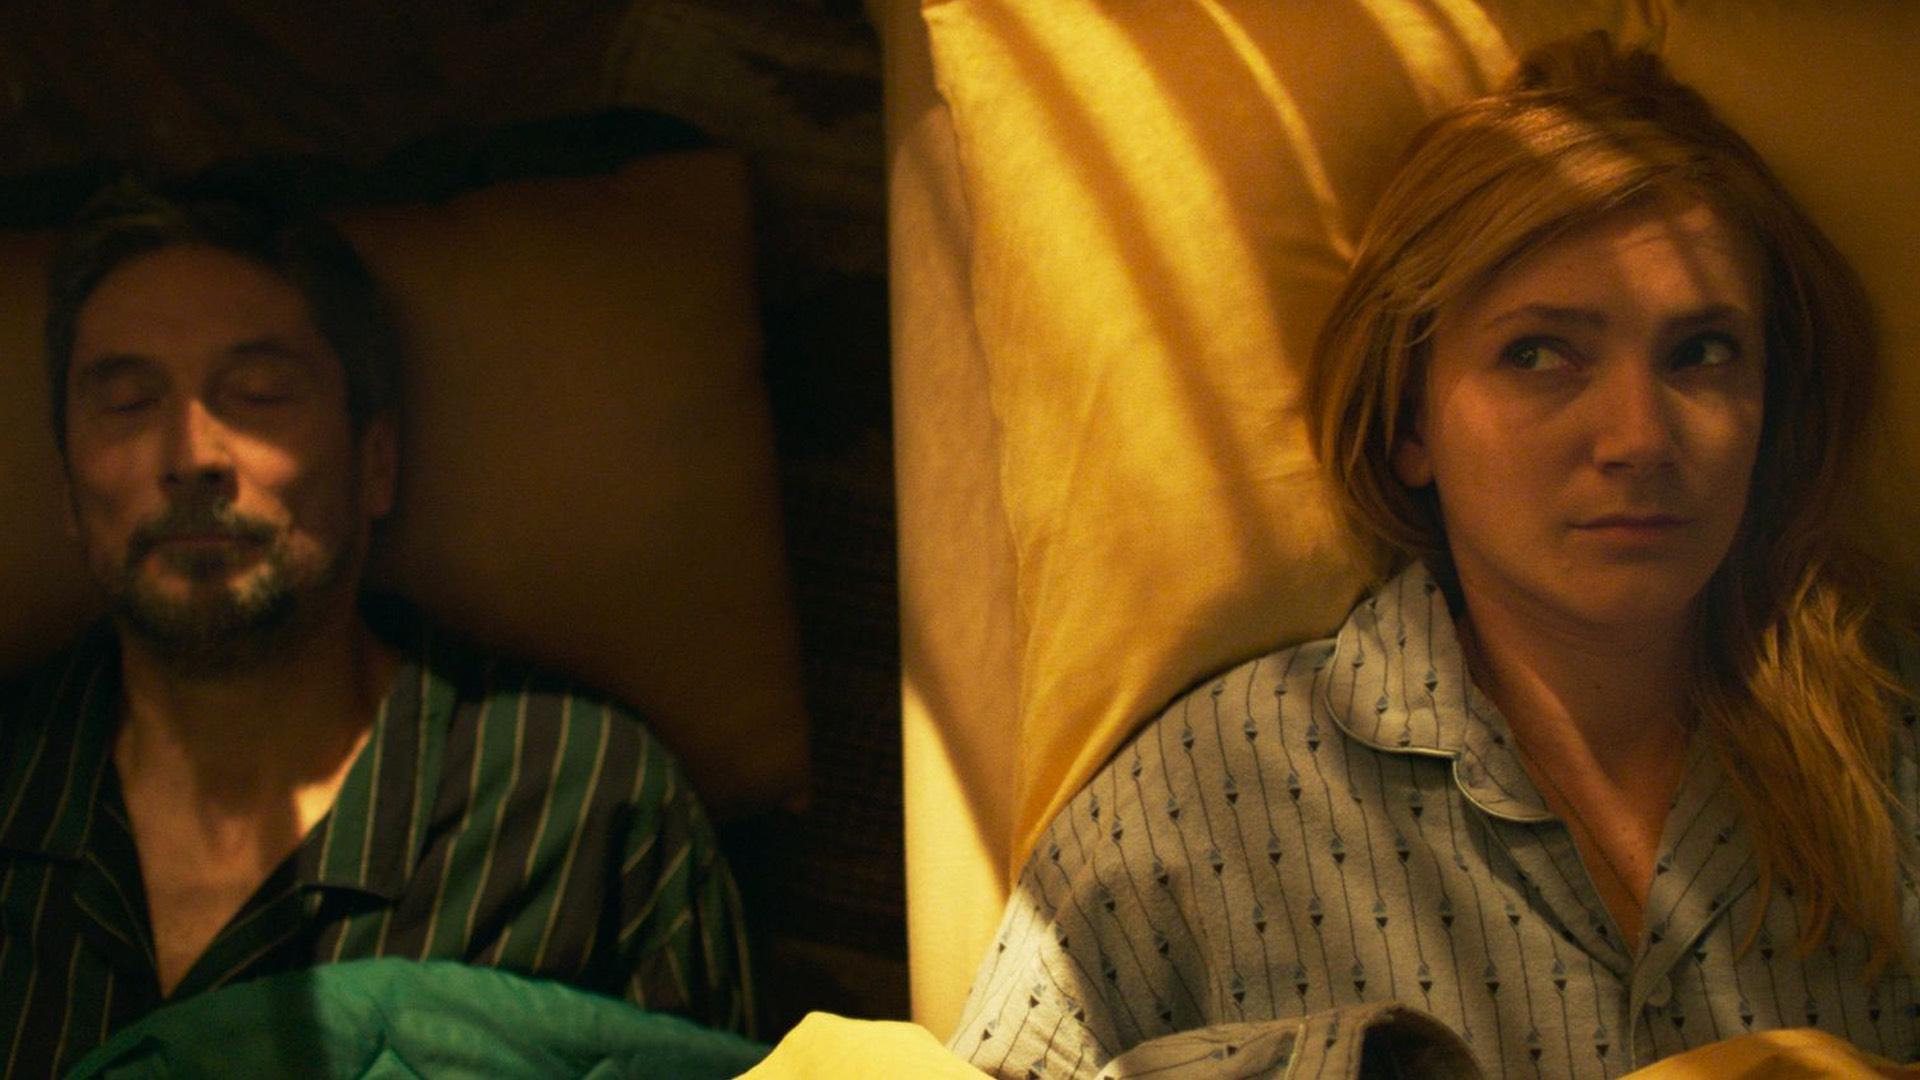 لقطة من فيلم عن الجسد والروح للمخرجة إلديكو إنييدي